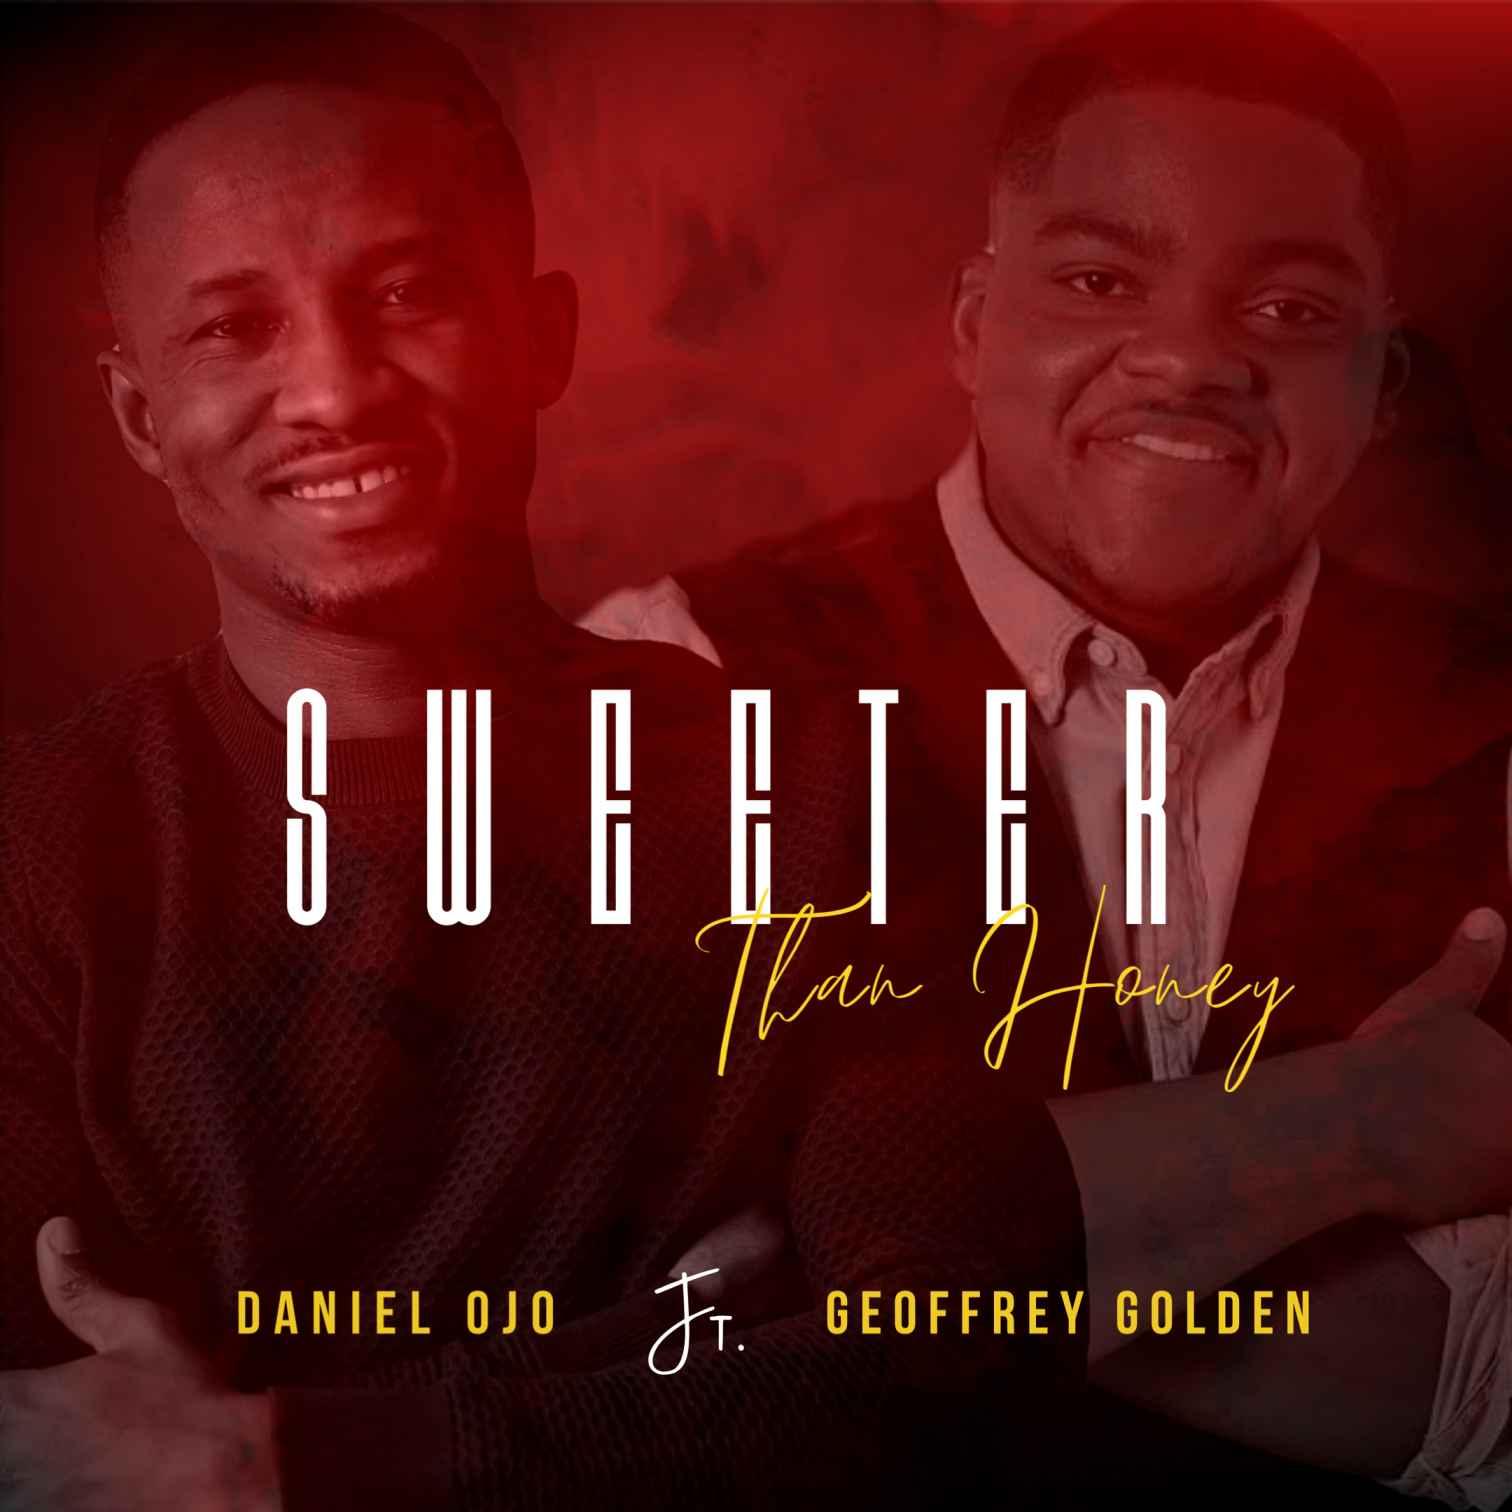 Download Mp3 Daniel Ojo ft Geoffrey Golden - Sweeter